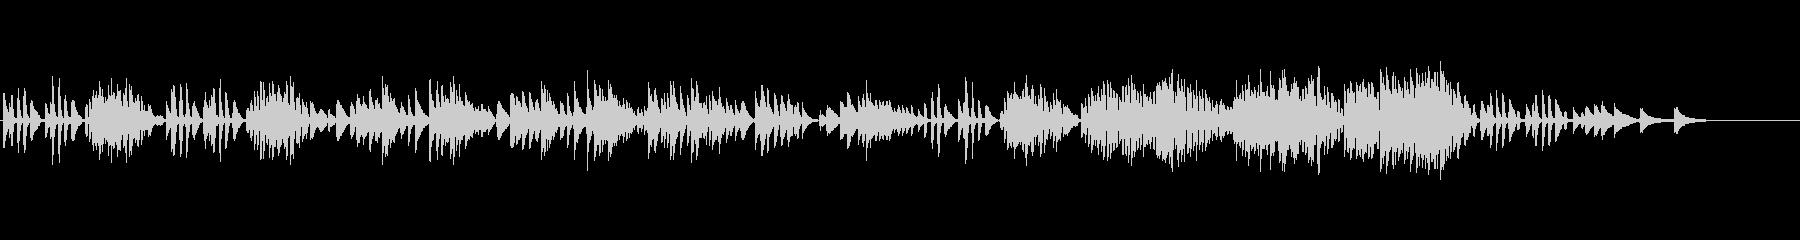 ベートーヴェン「11のバガテル」よりの未再生の波形